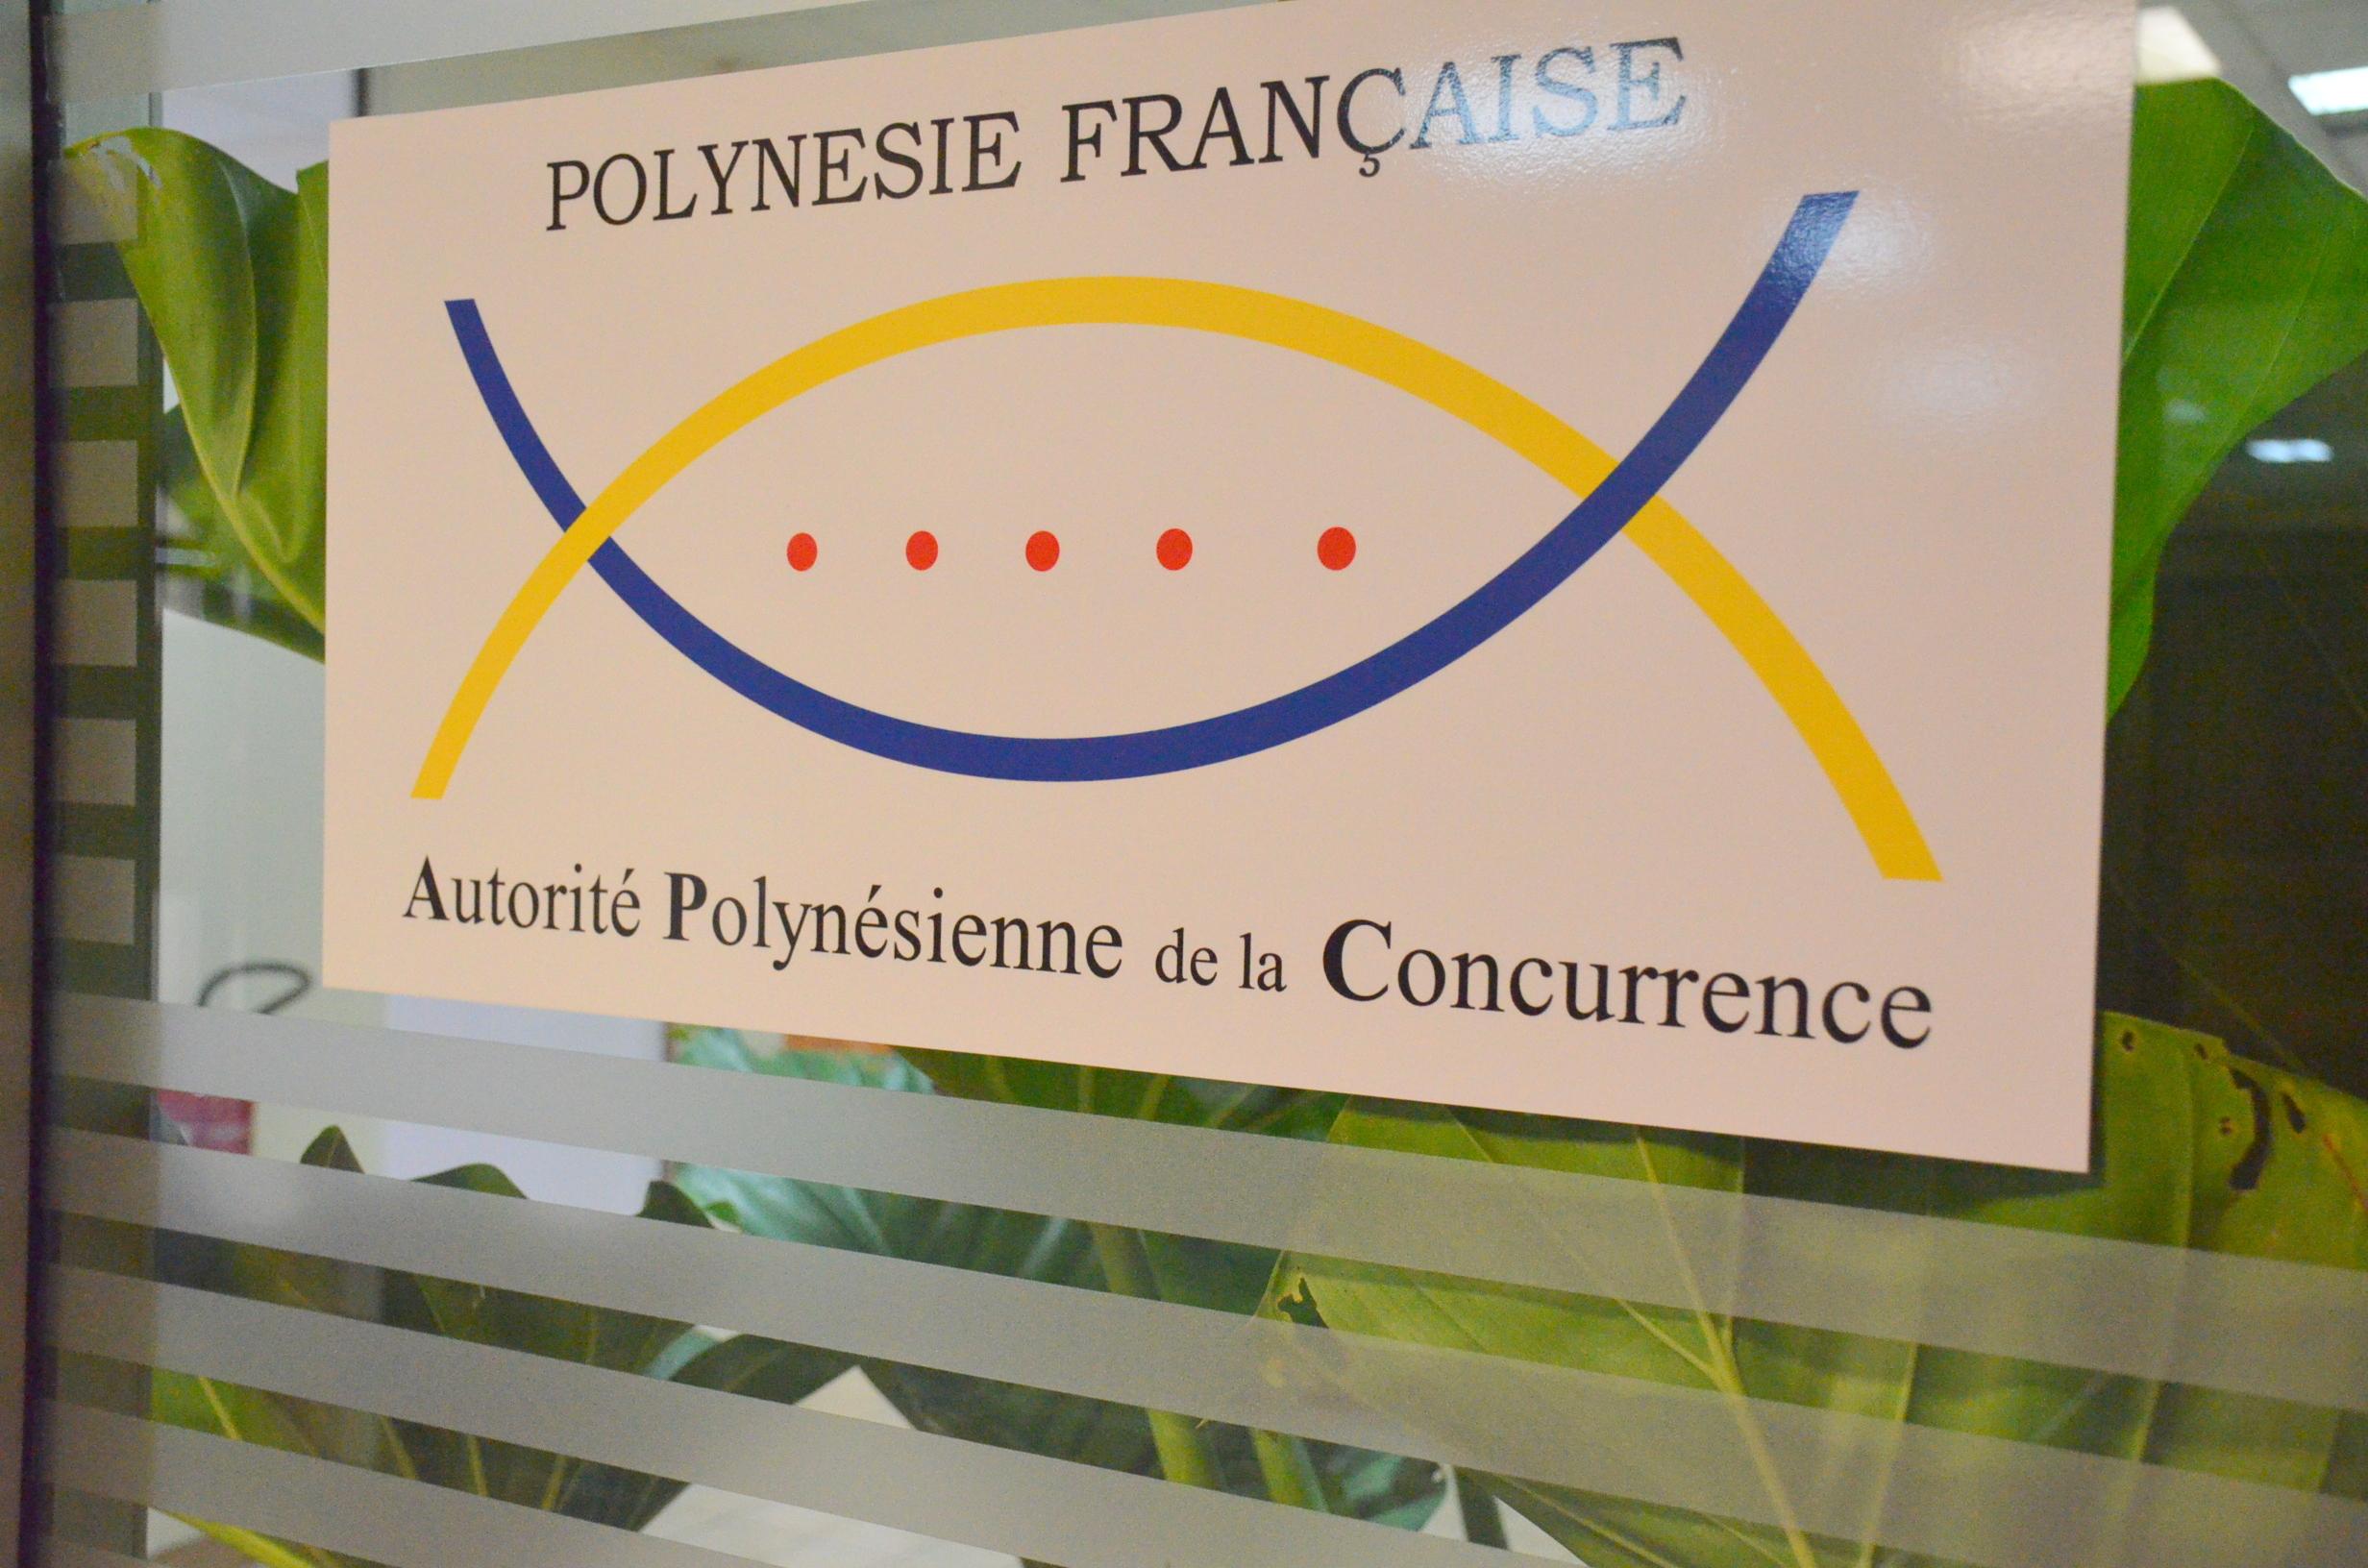 Observatoire des concentrations : l'Autorité polynésienne de la concurrence rappelle les règles